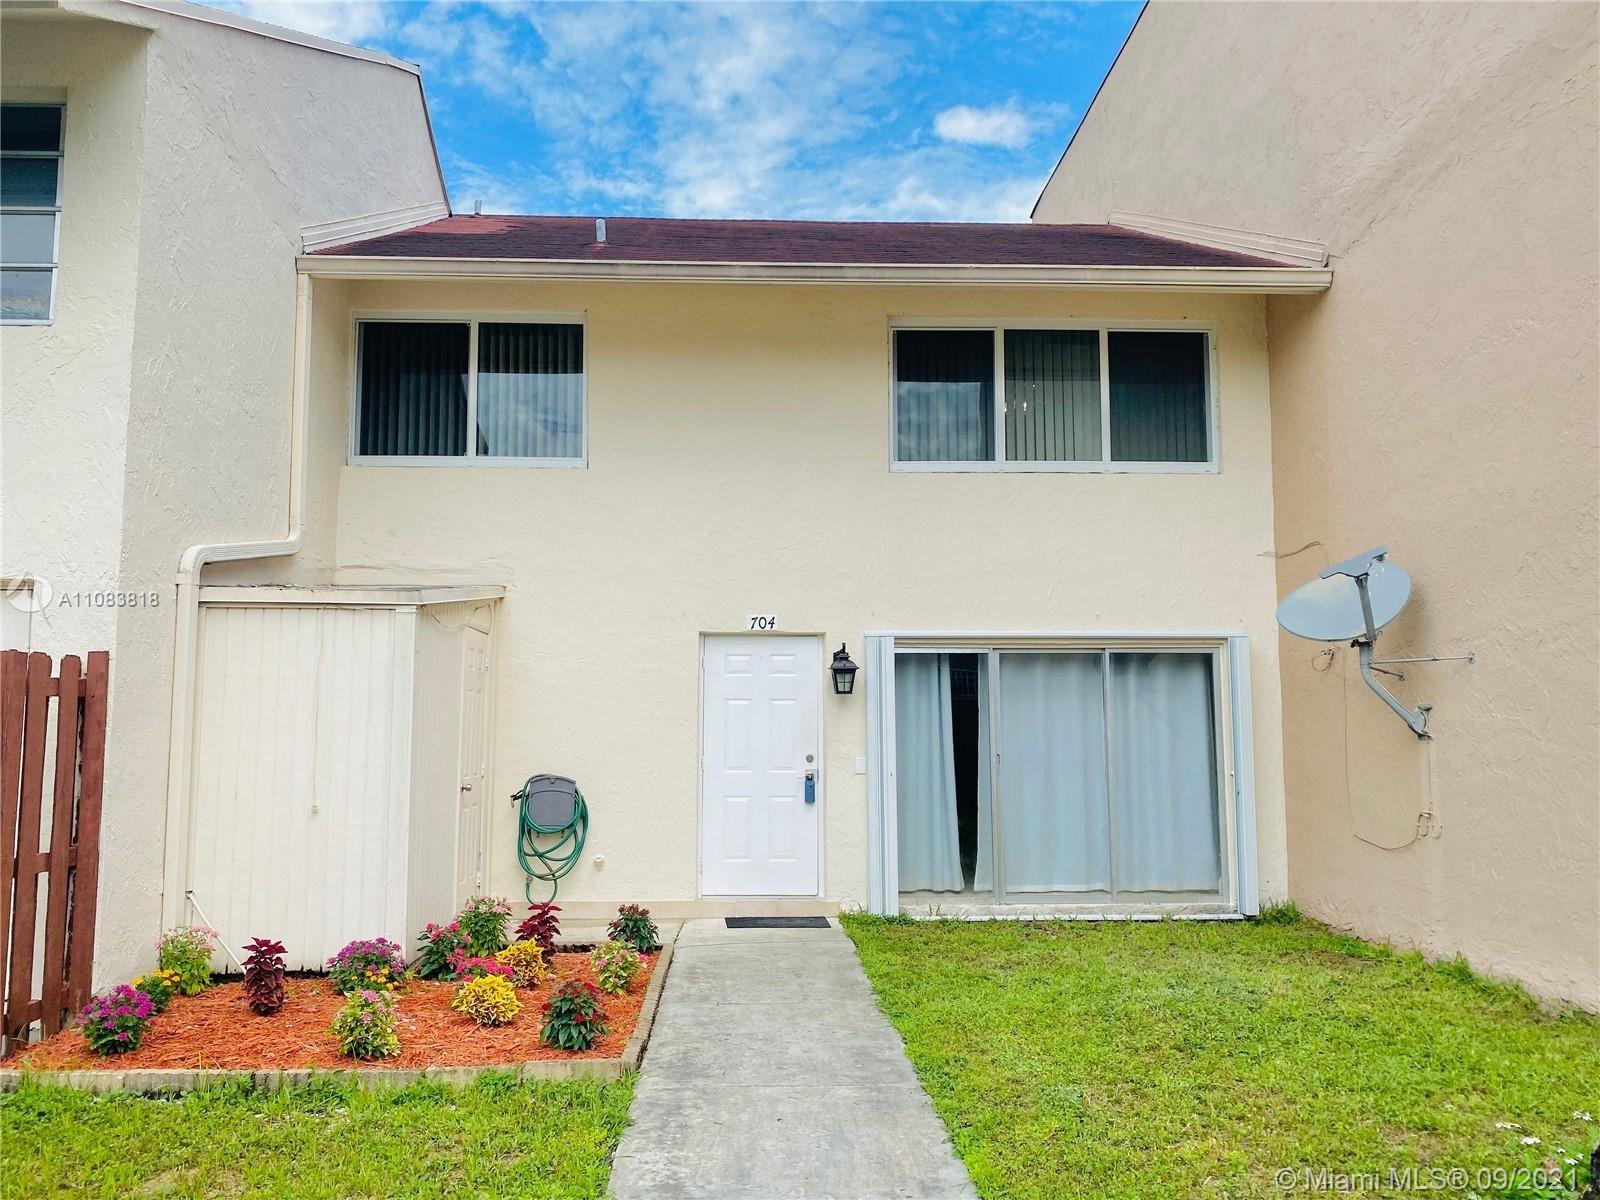 8400 SW 154th Circle Ct #704, Miami, FL 33193 - #: A11083818